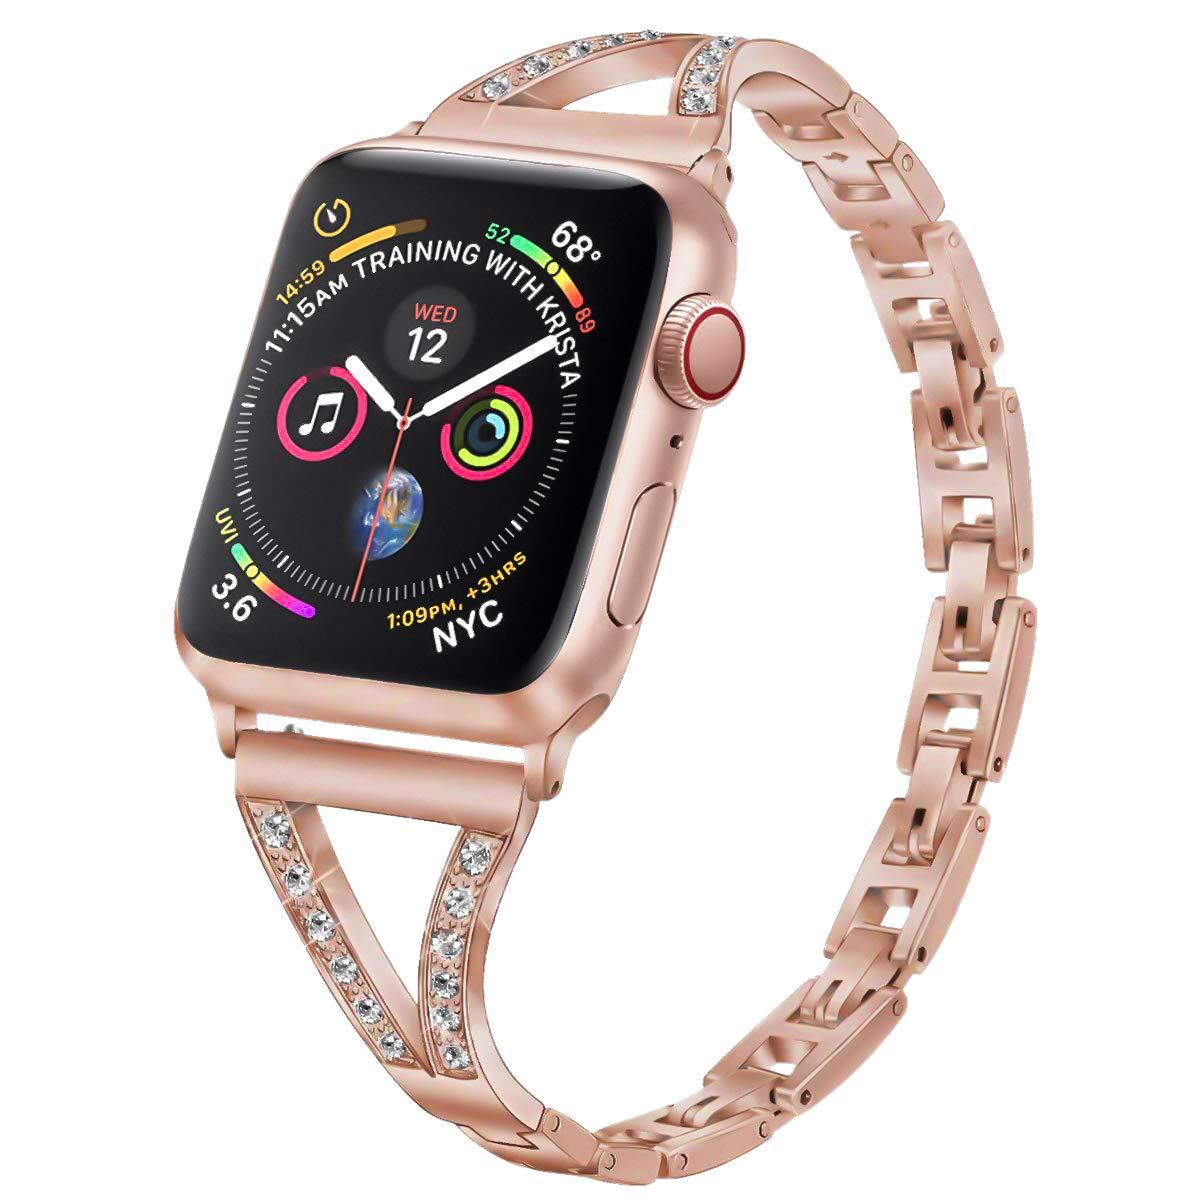 Malla Acero para Apple Watch (42/44mm) PUGO TOP [7PMJ97DJ]